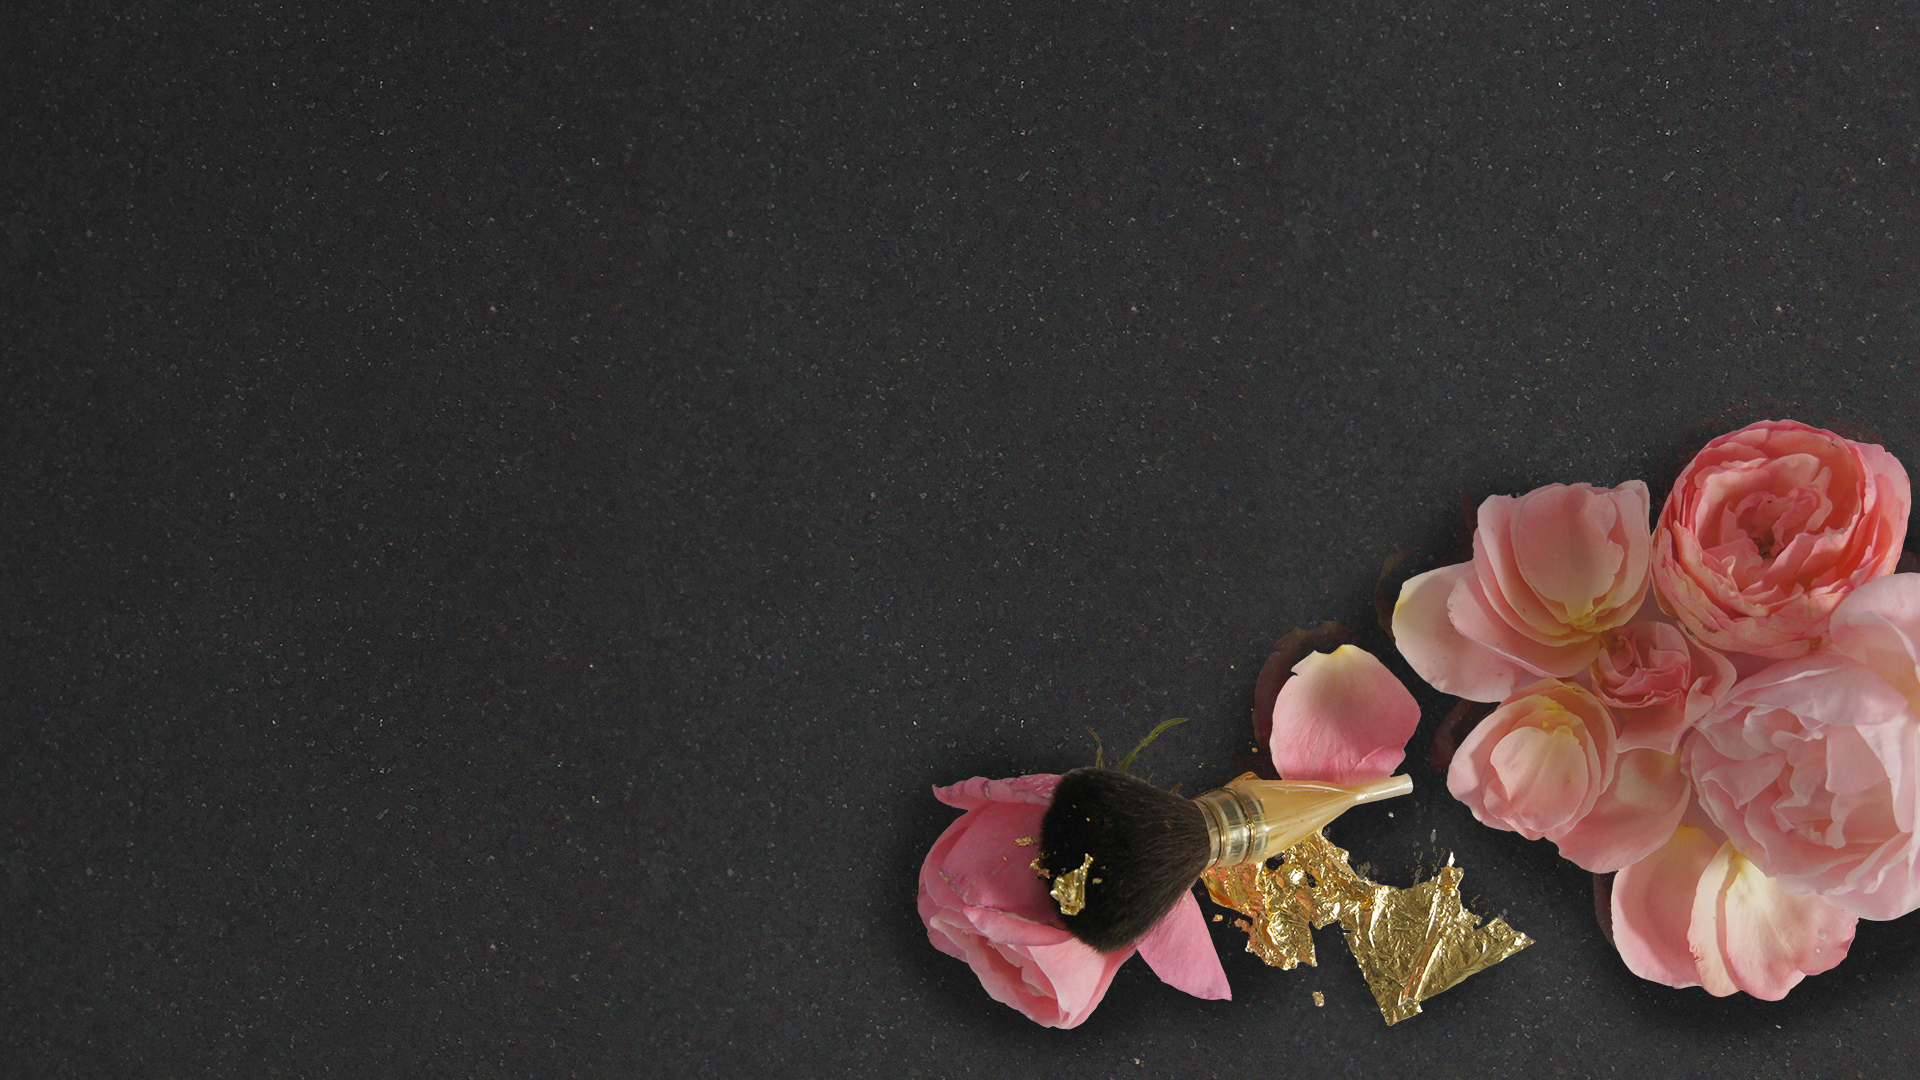 Infini Gravure - Gravure de plaques funéraires modernes et personnalisables